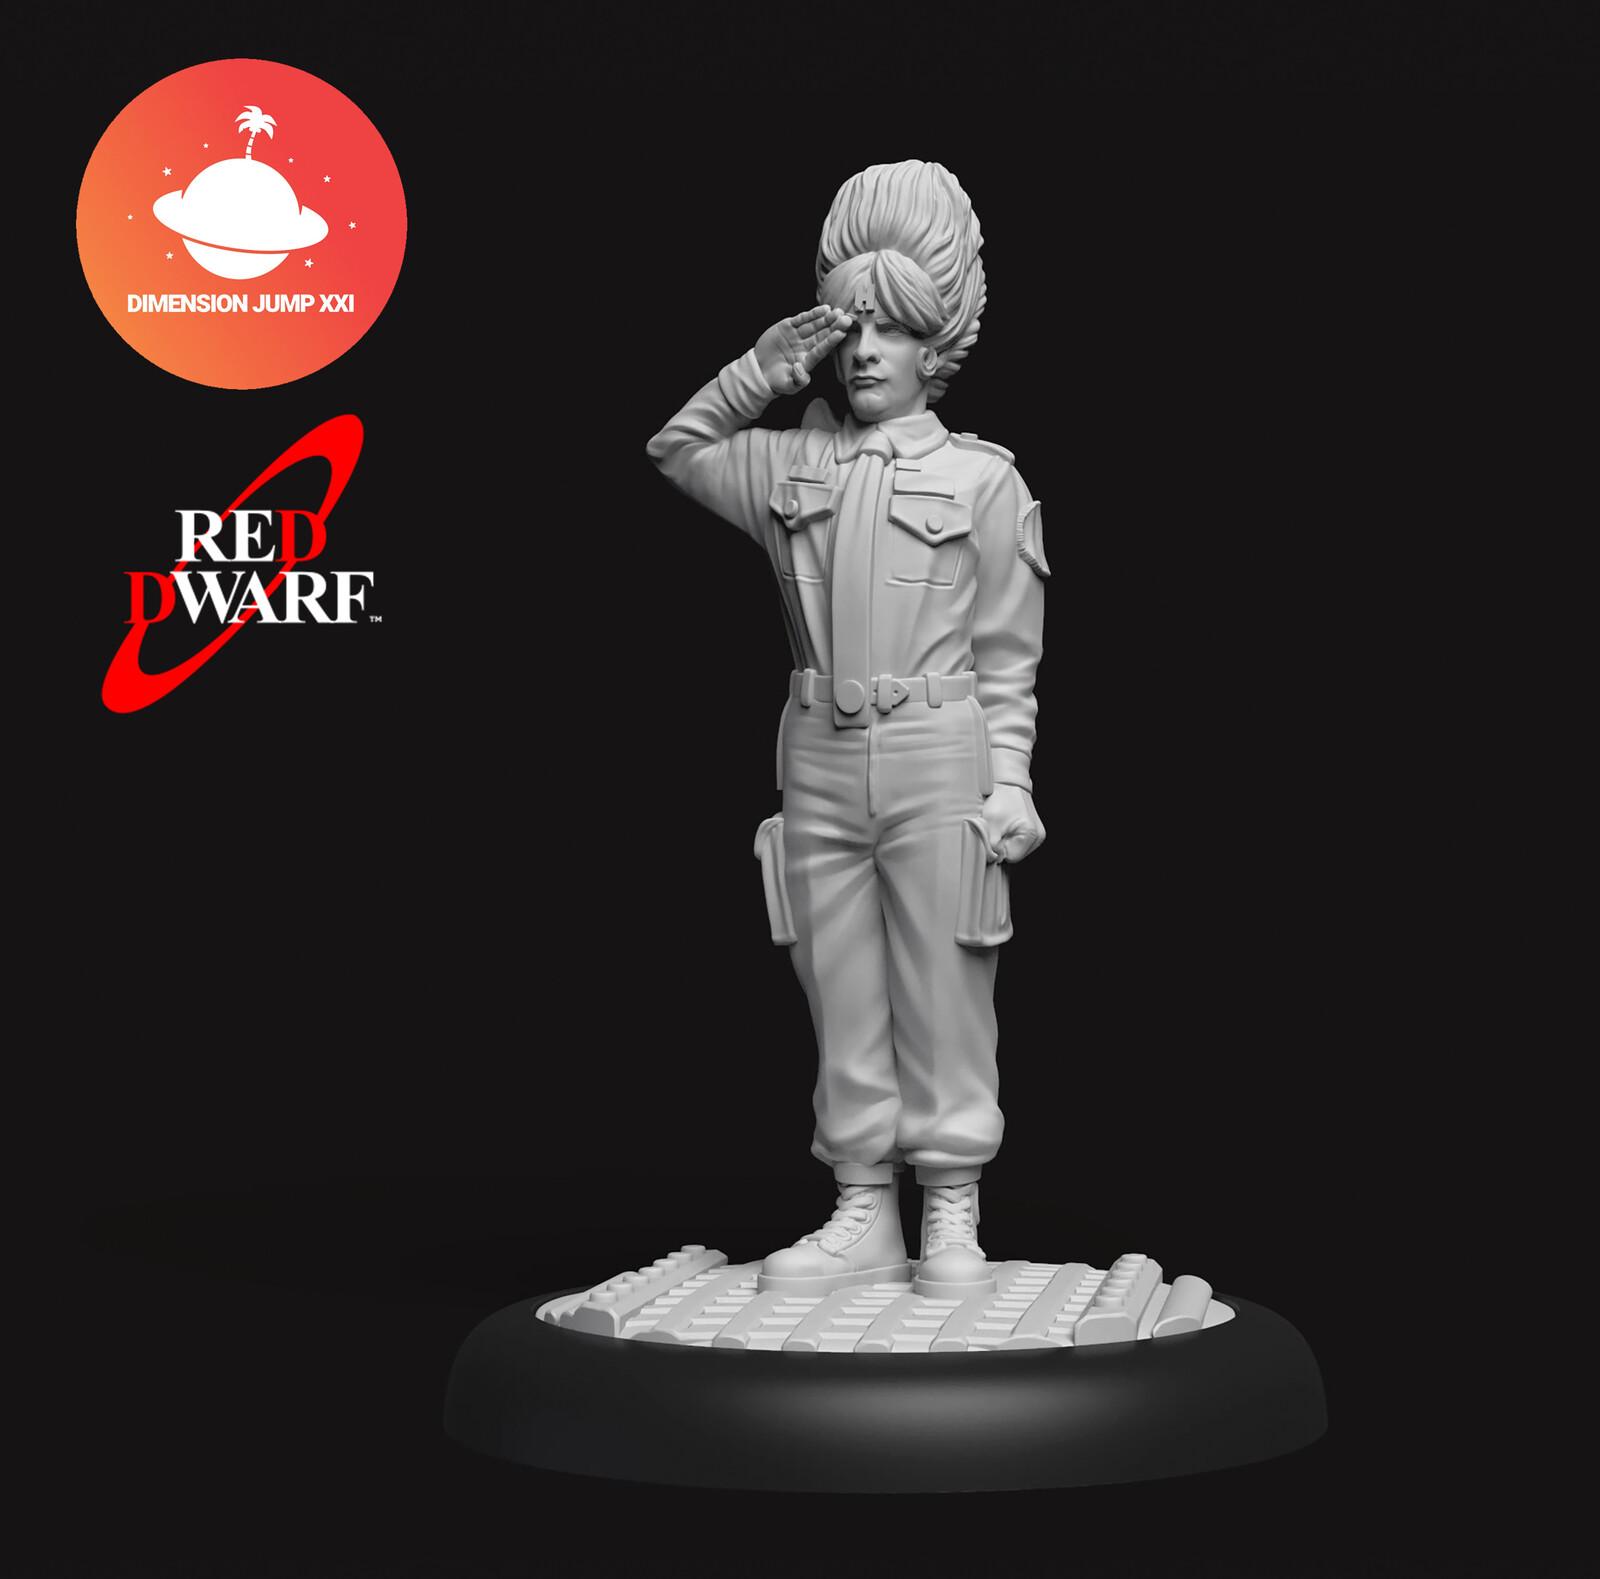 Red Dwarf DJXXI Minis - Rimmer